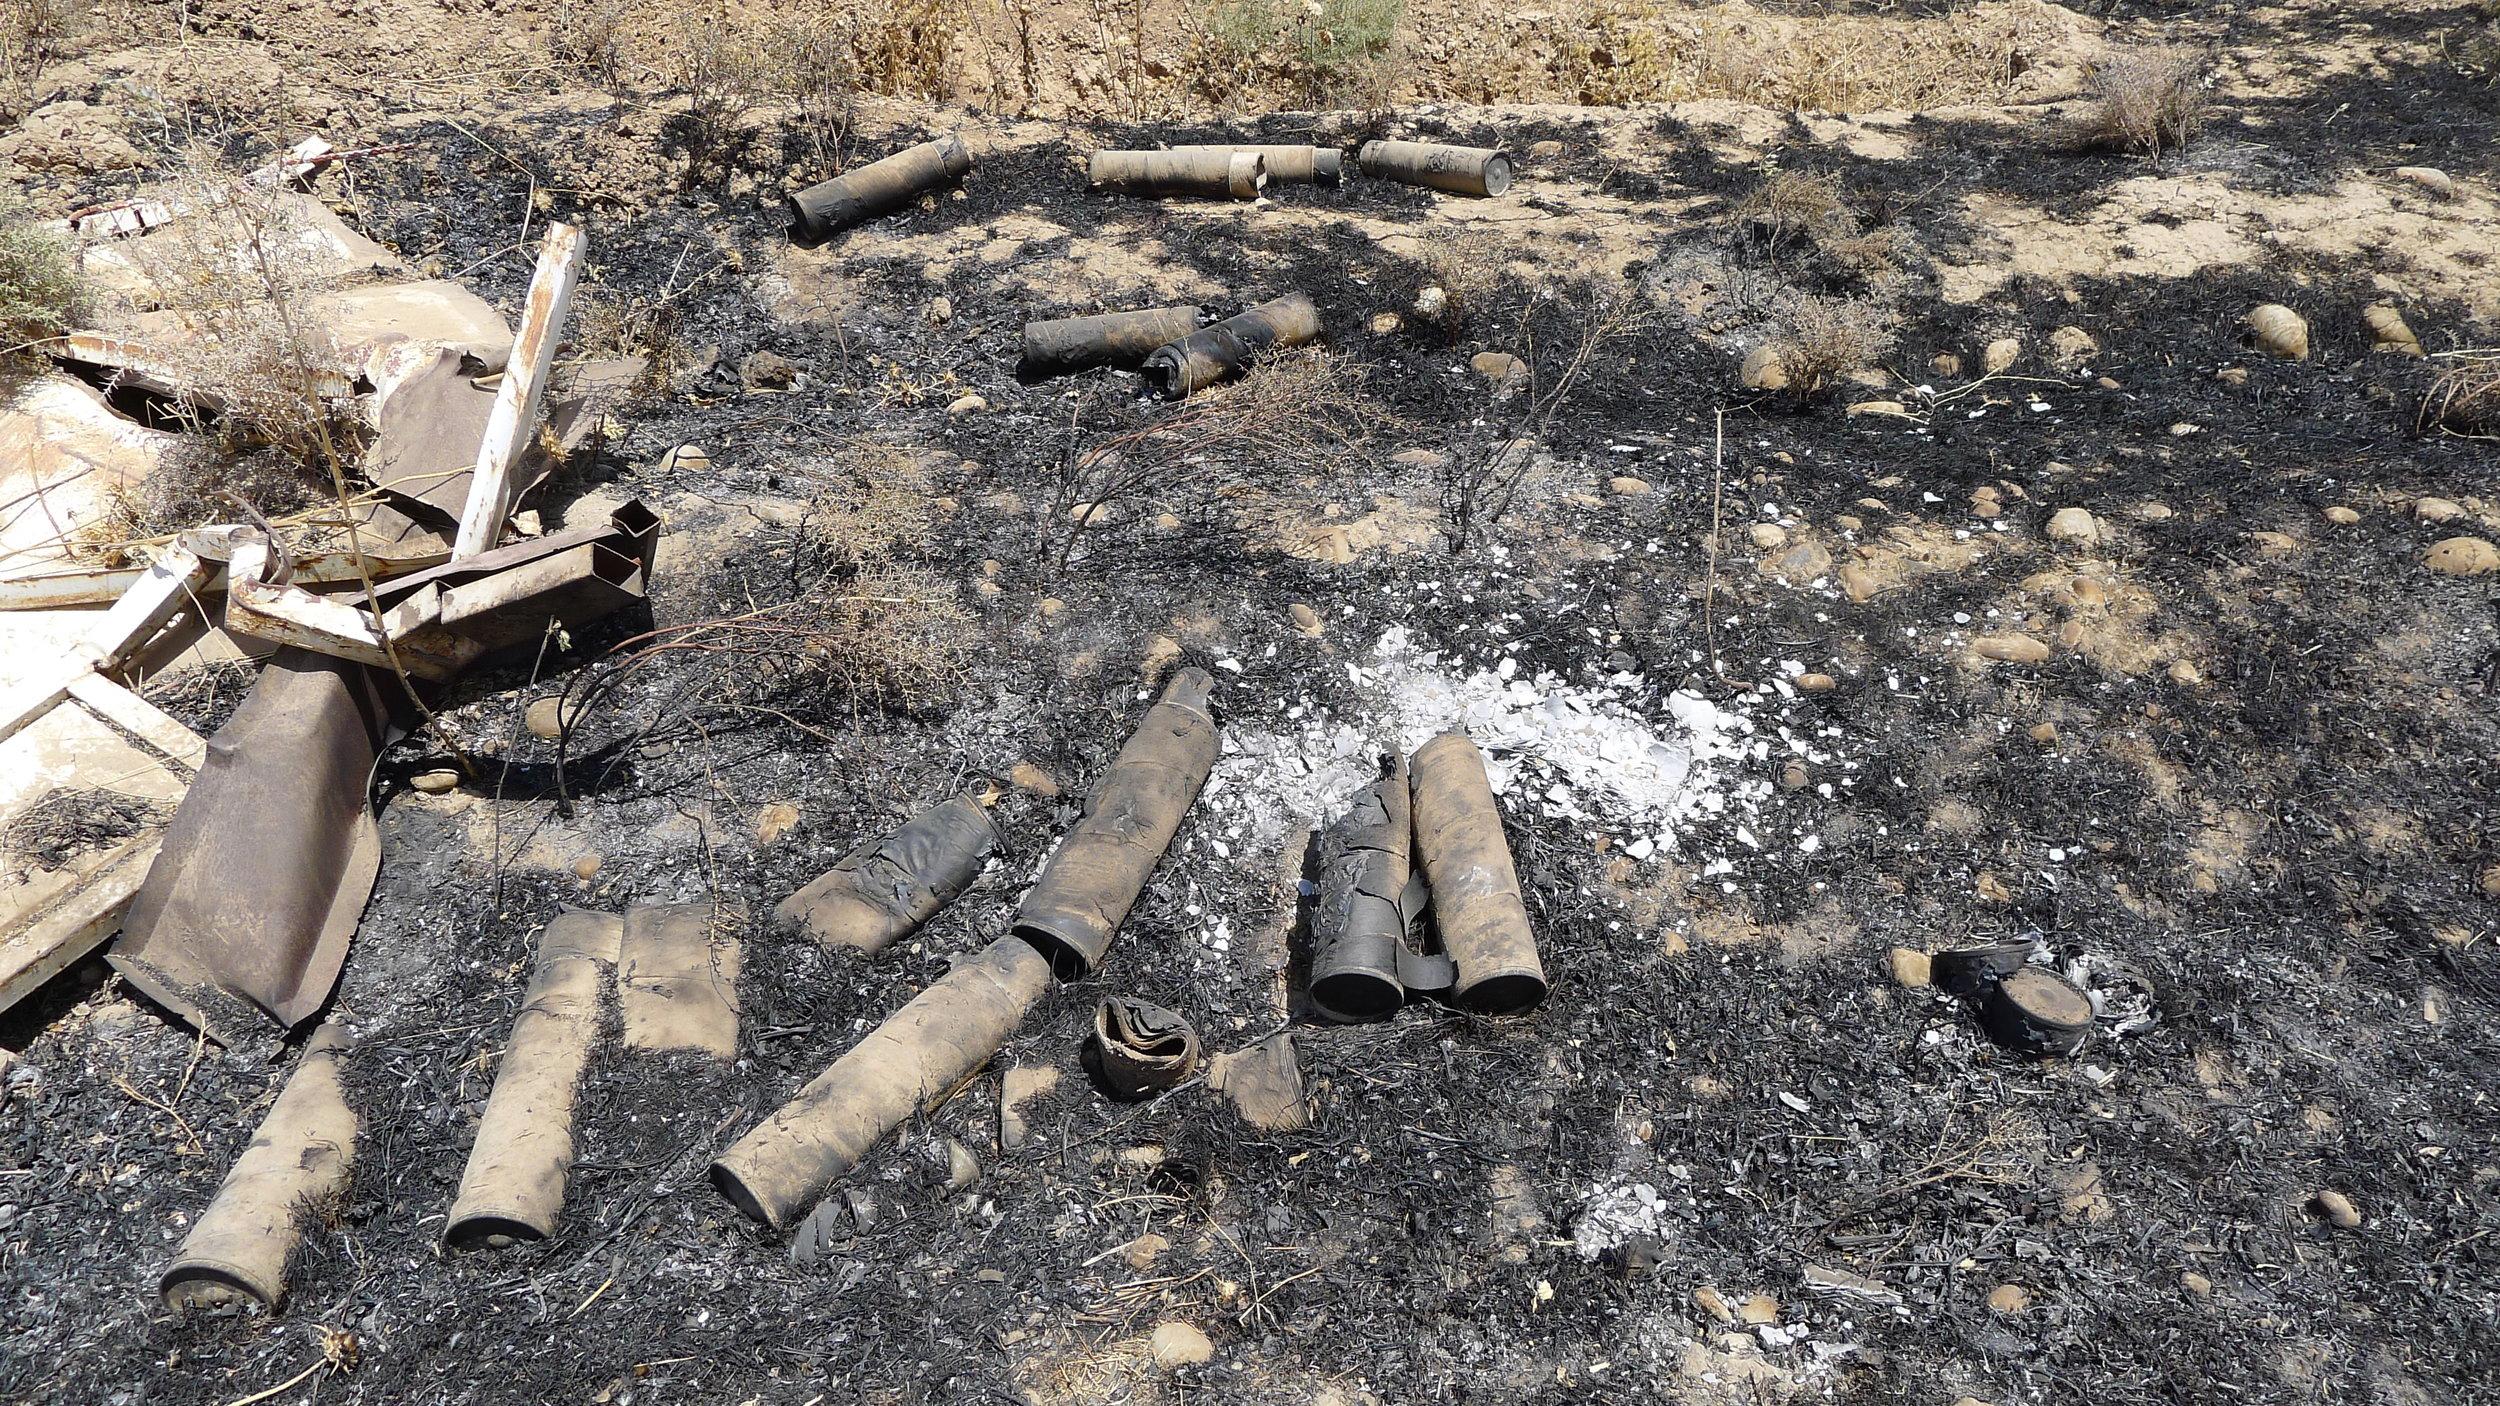 Sur les lignes de Isis  Kirkuk, Iraq